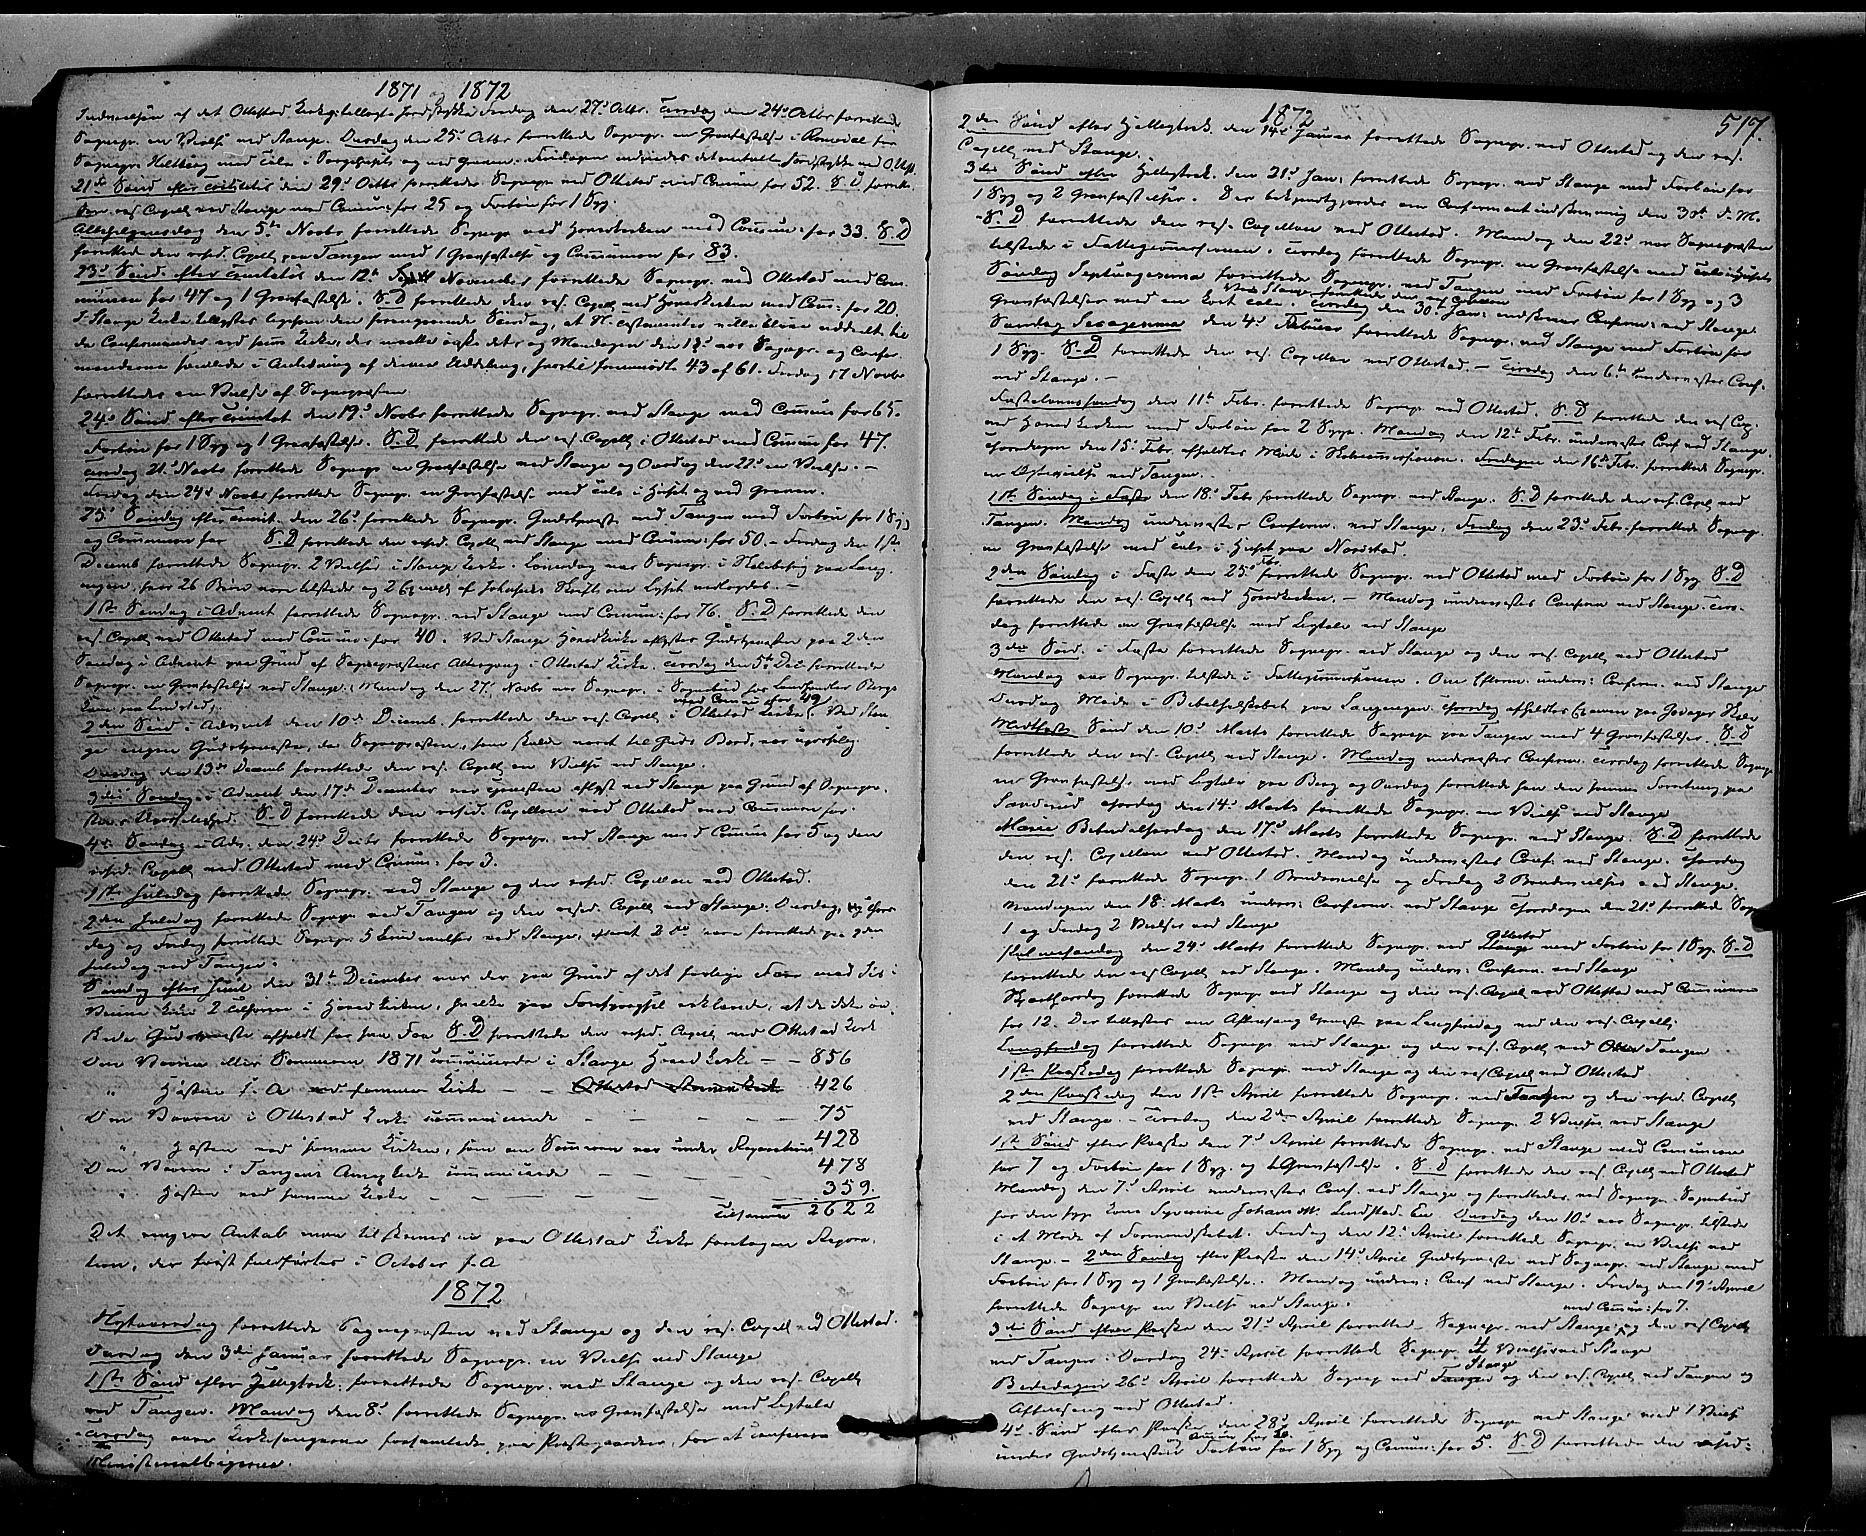 SAH, Stange prestekontor, K/L0013: Parish register (official) no. 13, 1862-1879, p. 517